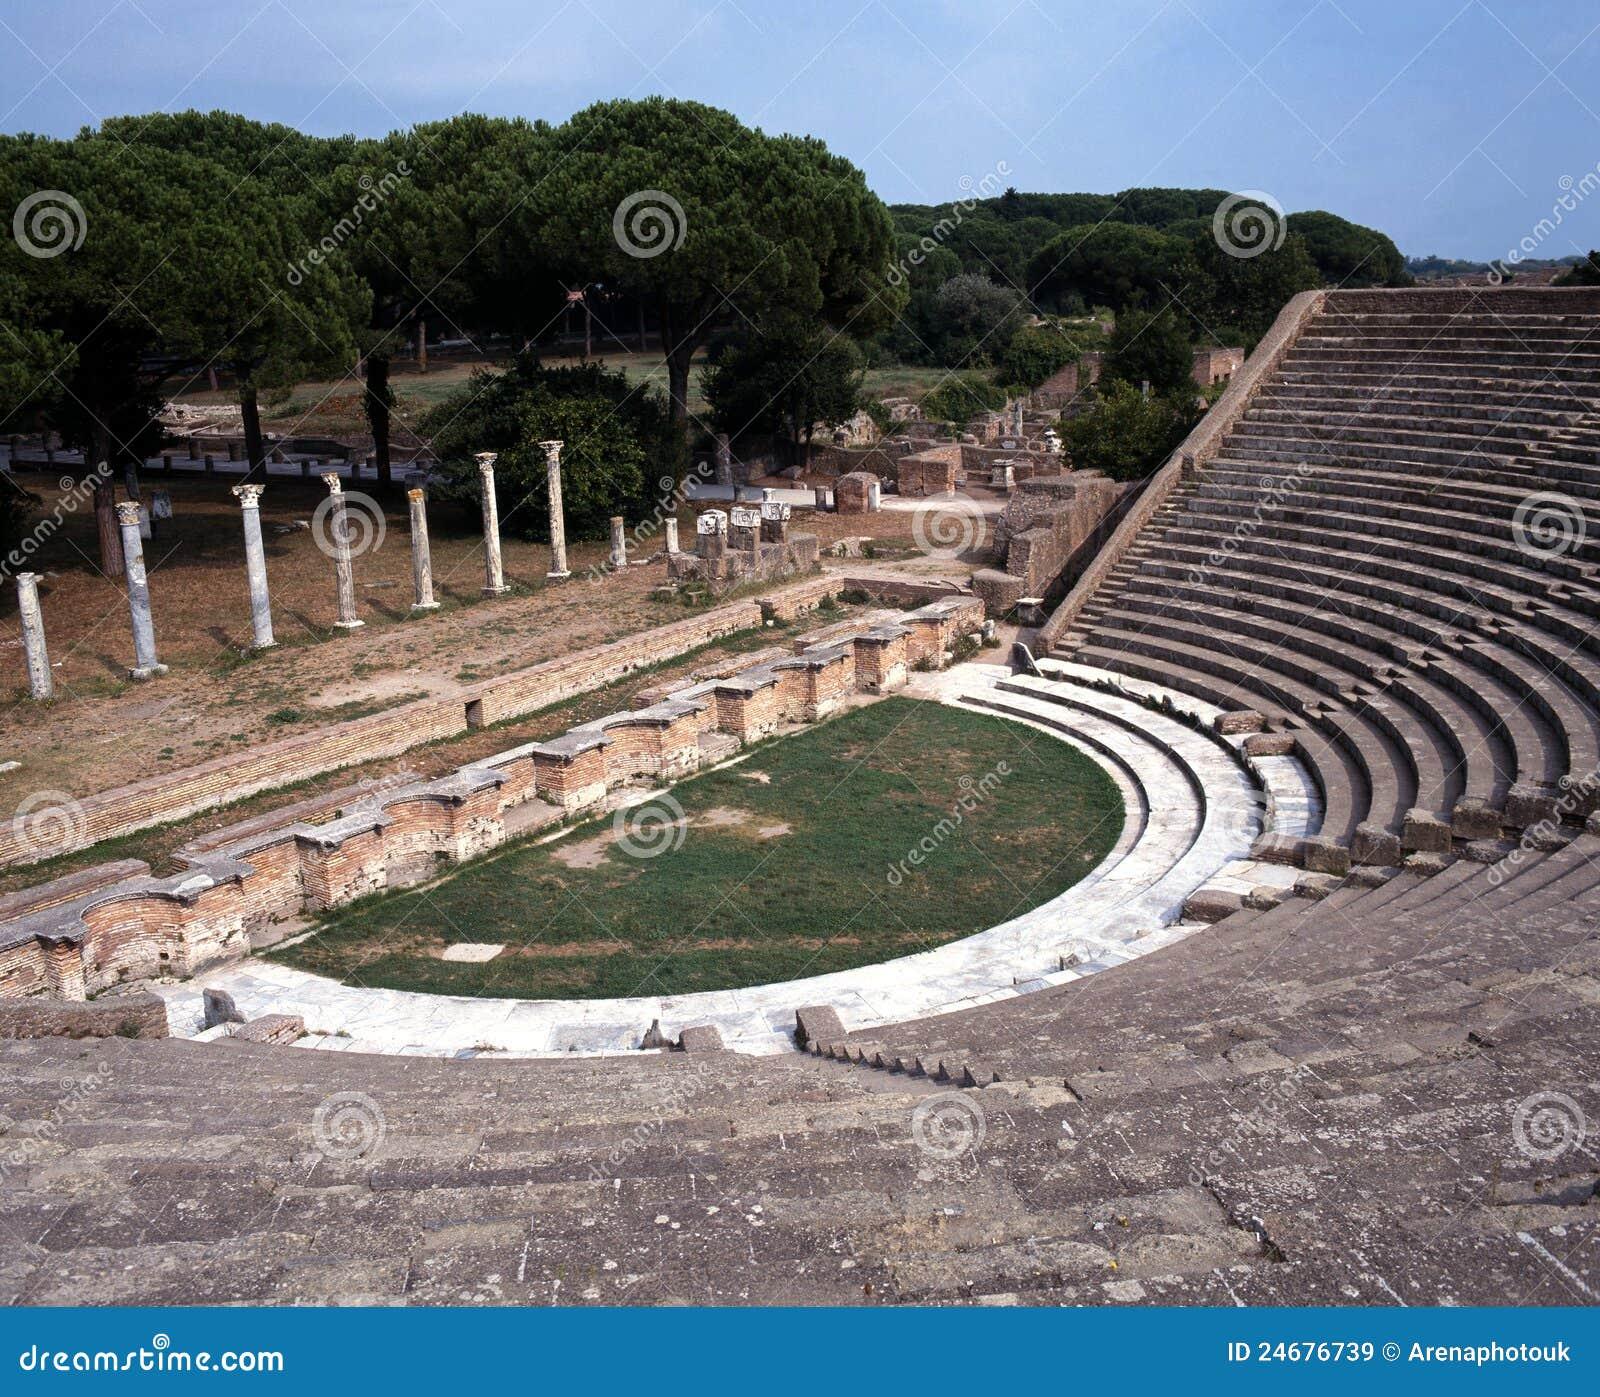 Teatro romano ostia antica roma immagini stock libere for Mr arredamenti ostia antica